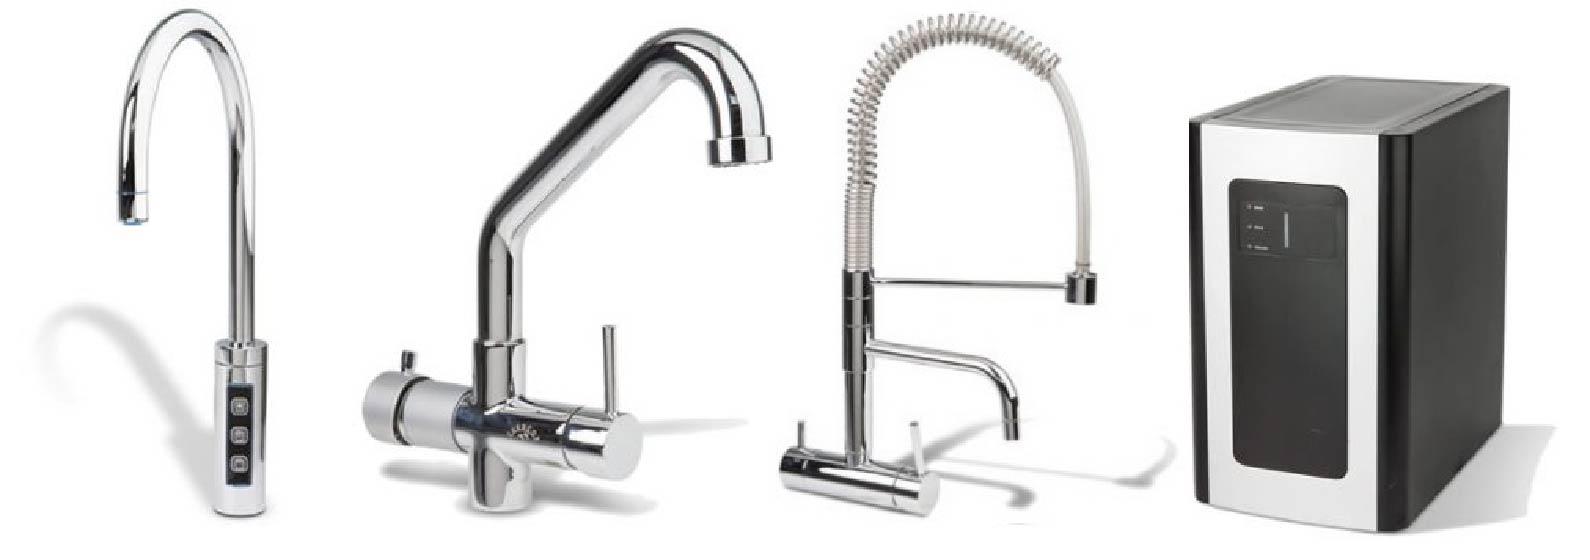 drinkwatersysteem voor thuis